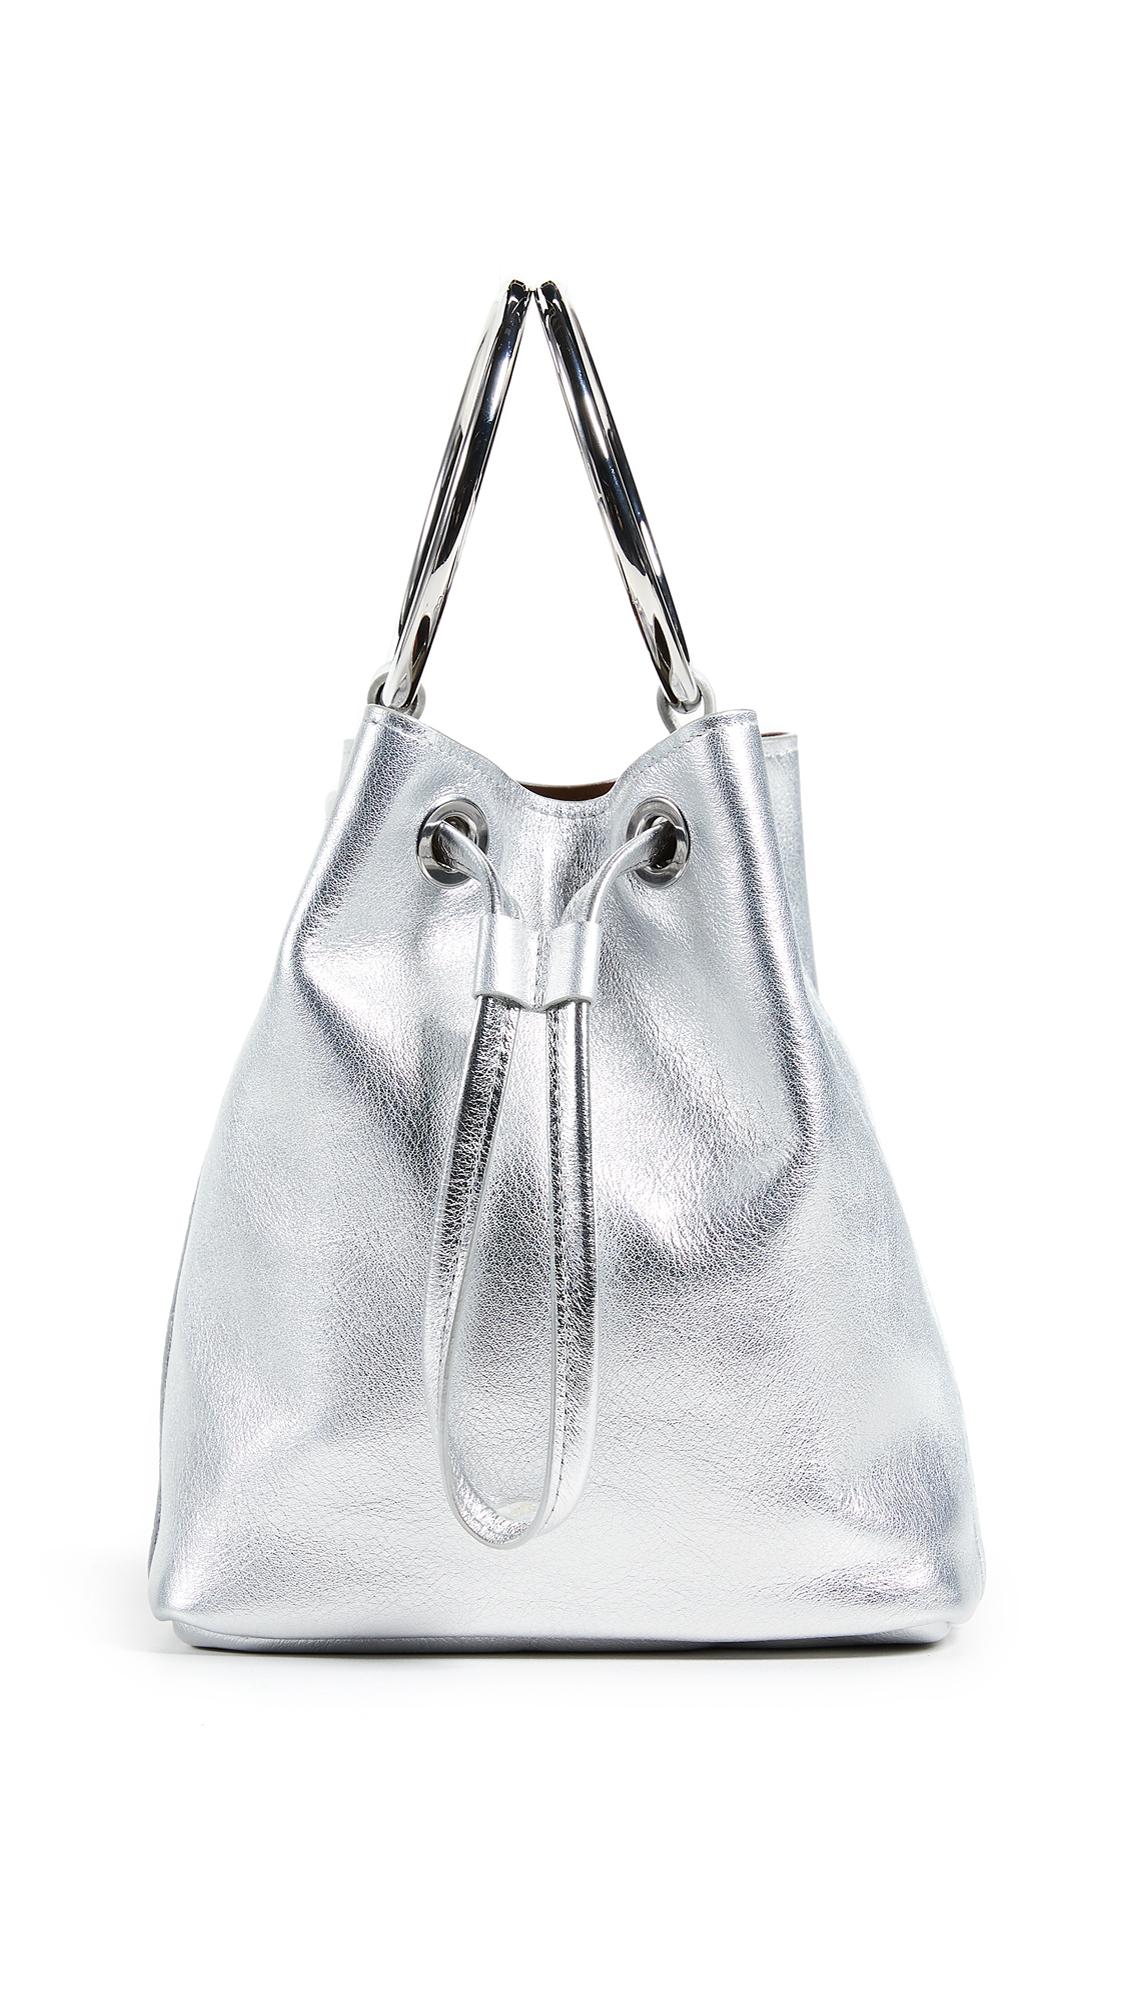 MEDIUM TWO RING BUCKET BAG